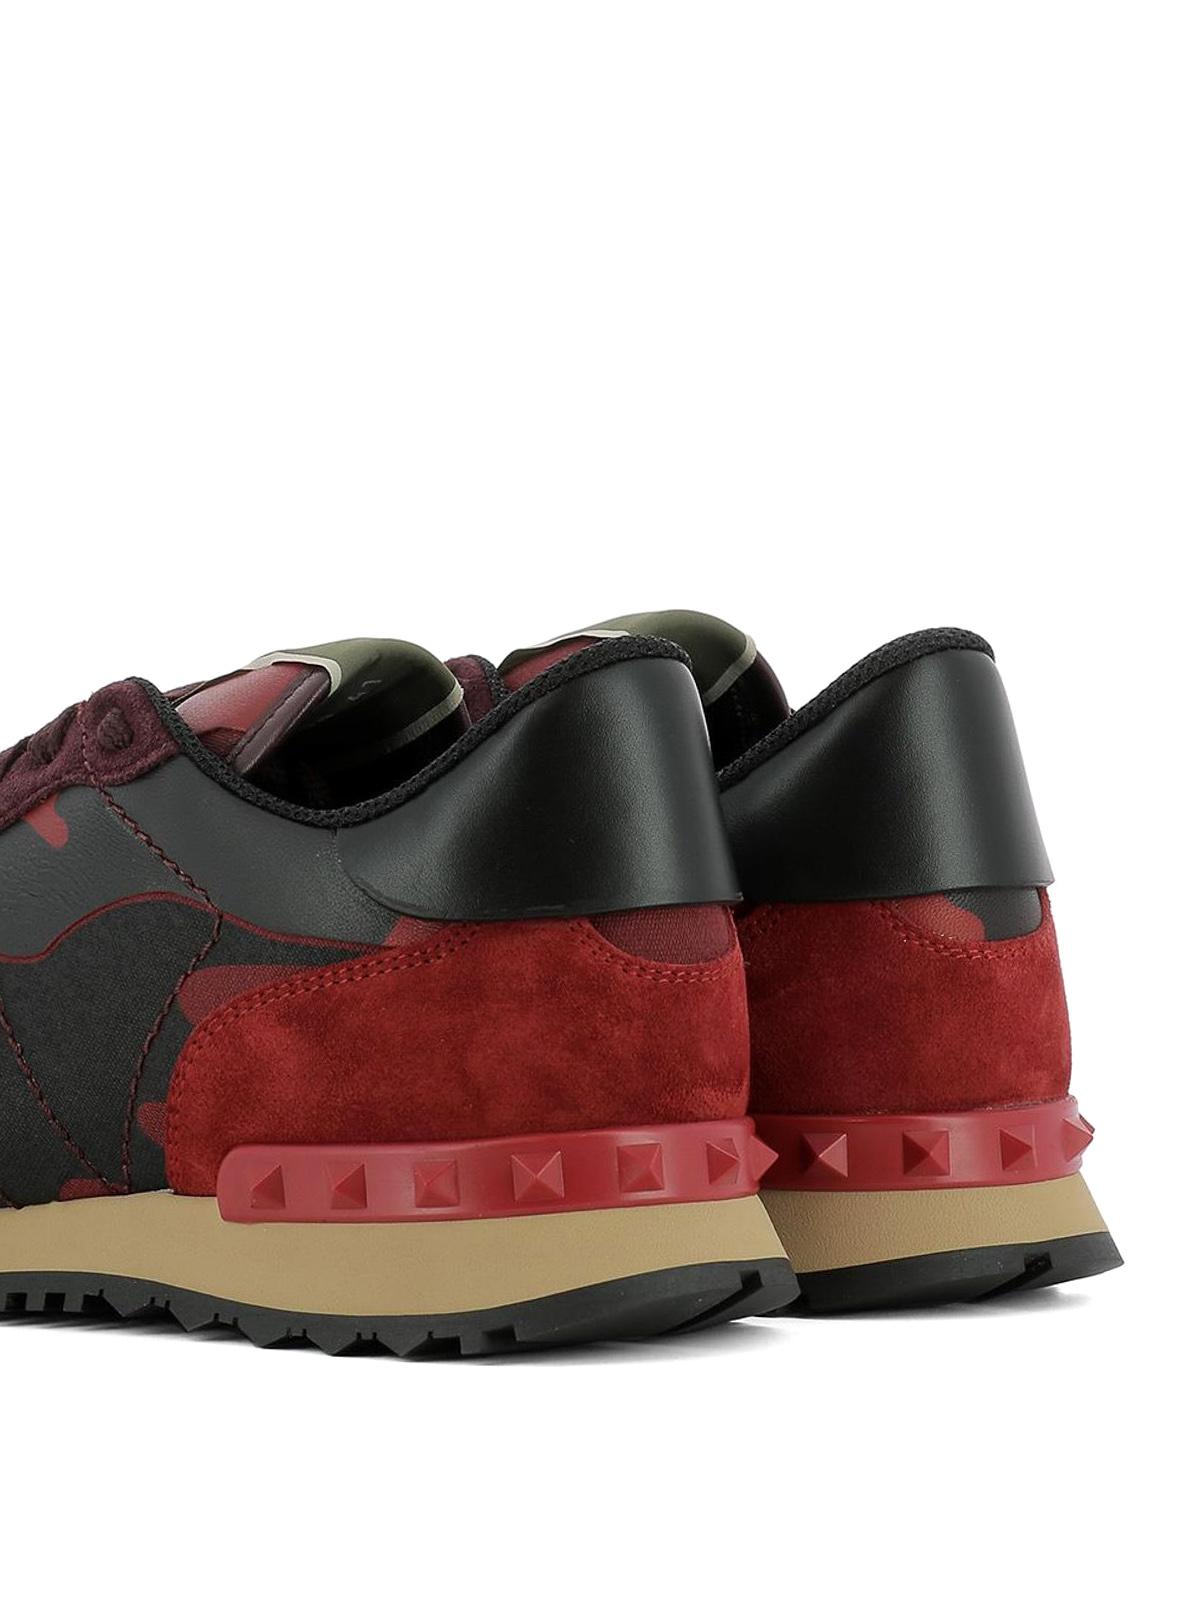 ed40c76a0e94f Trainers Rockrunner Dark Valentino Garavani Red Sneakers nSUZOOPq8W